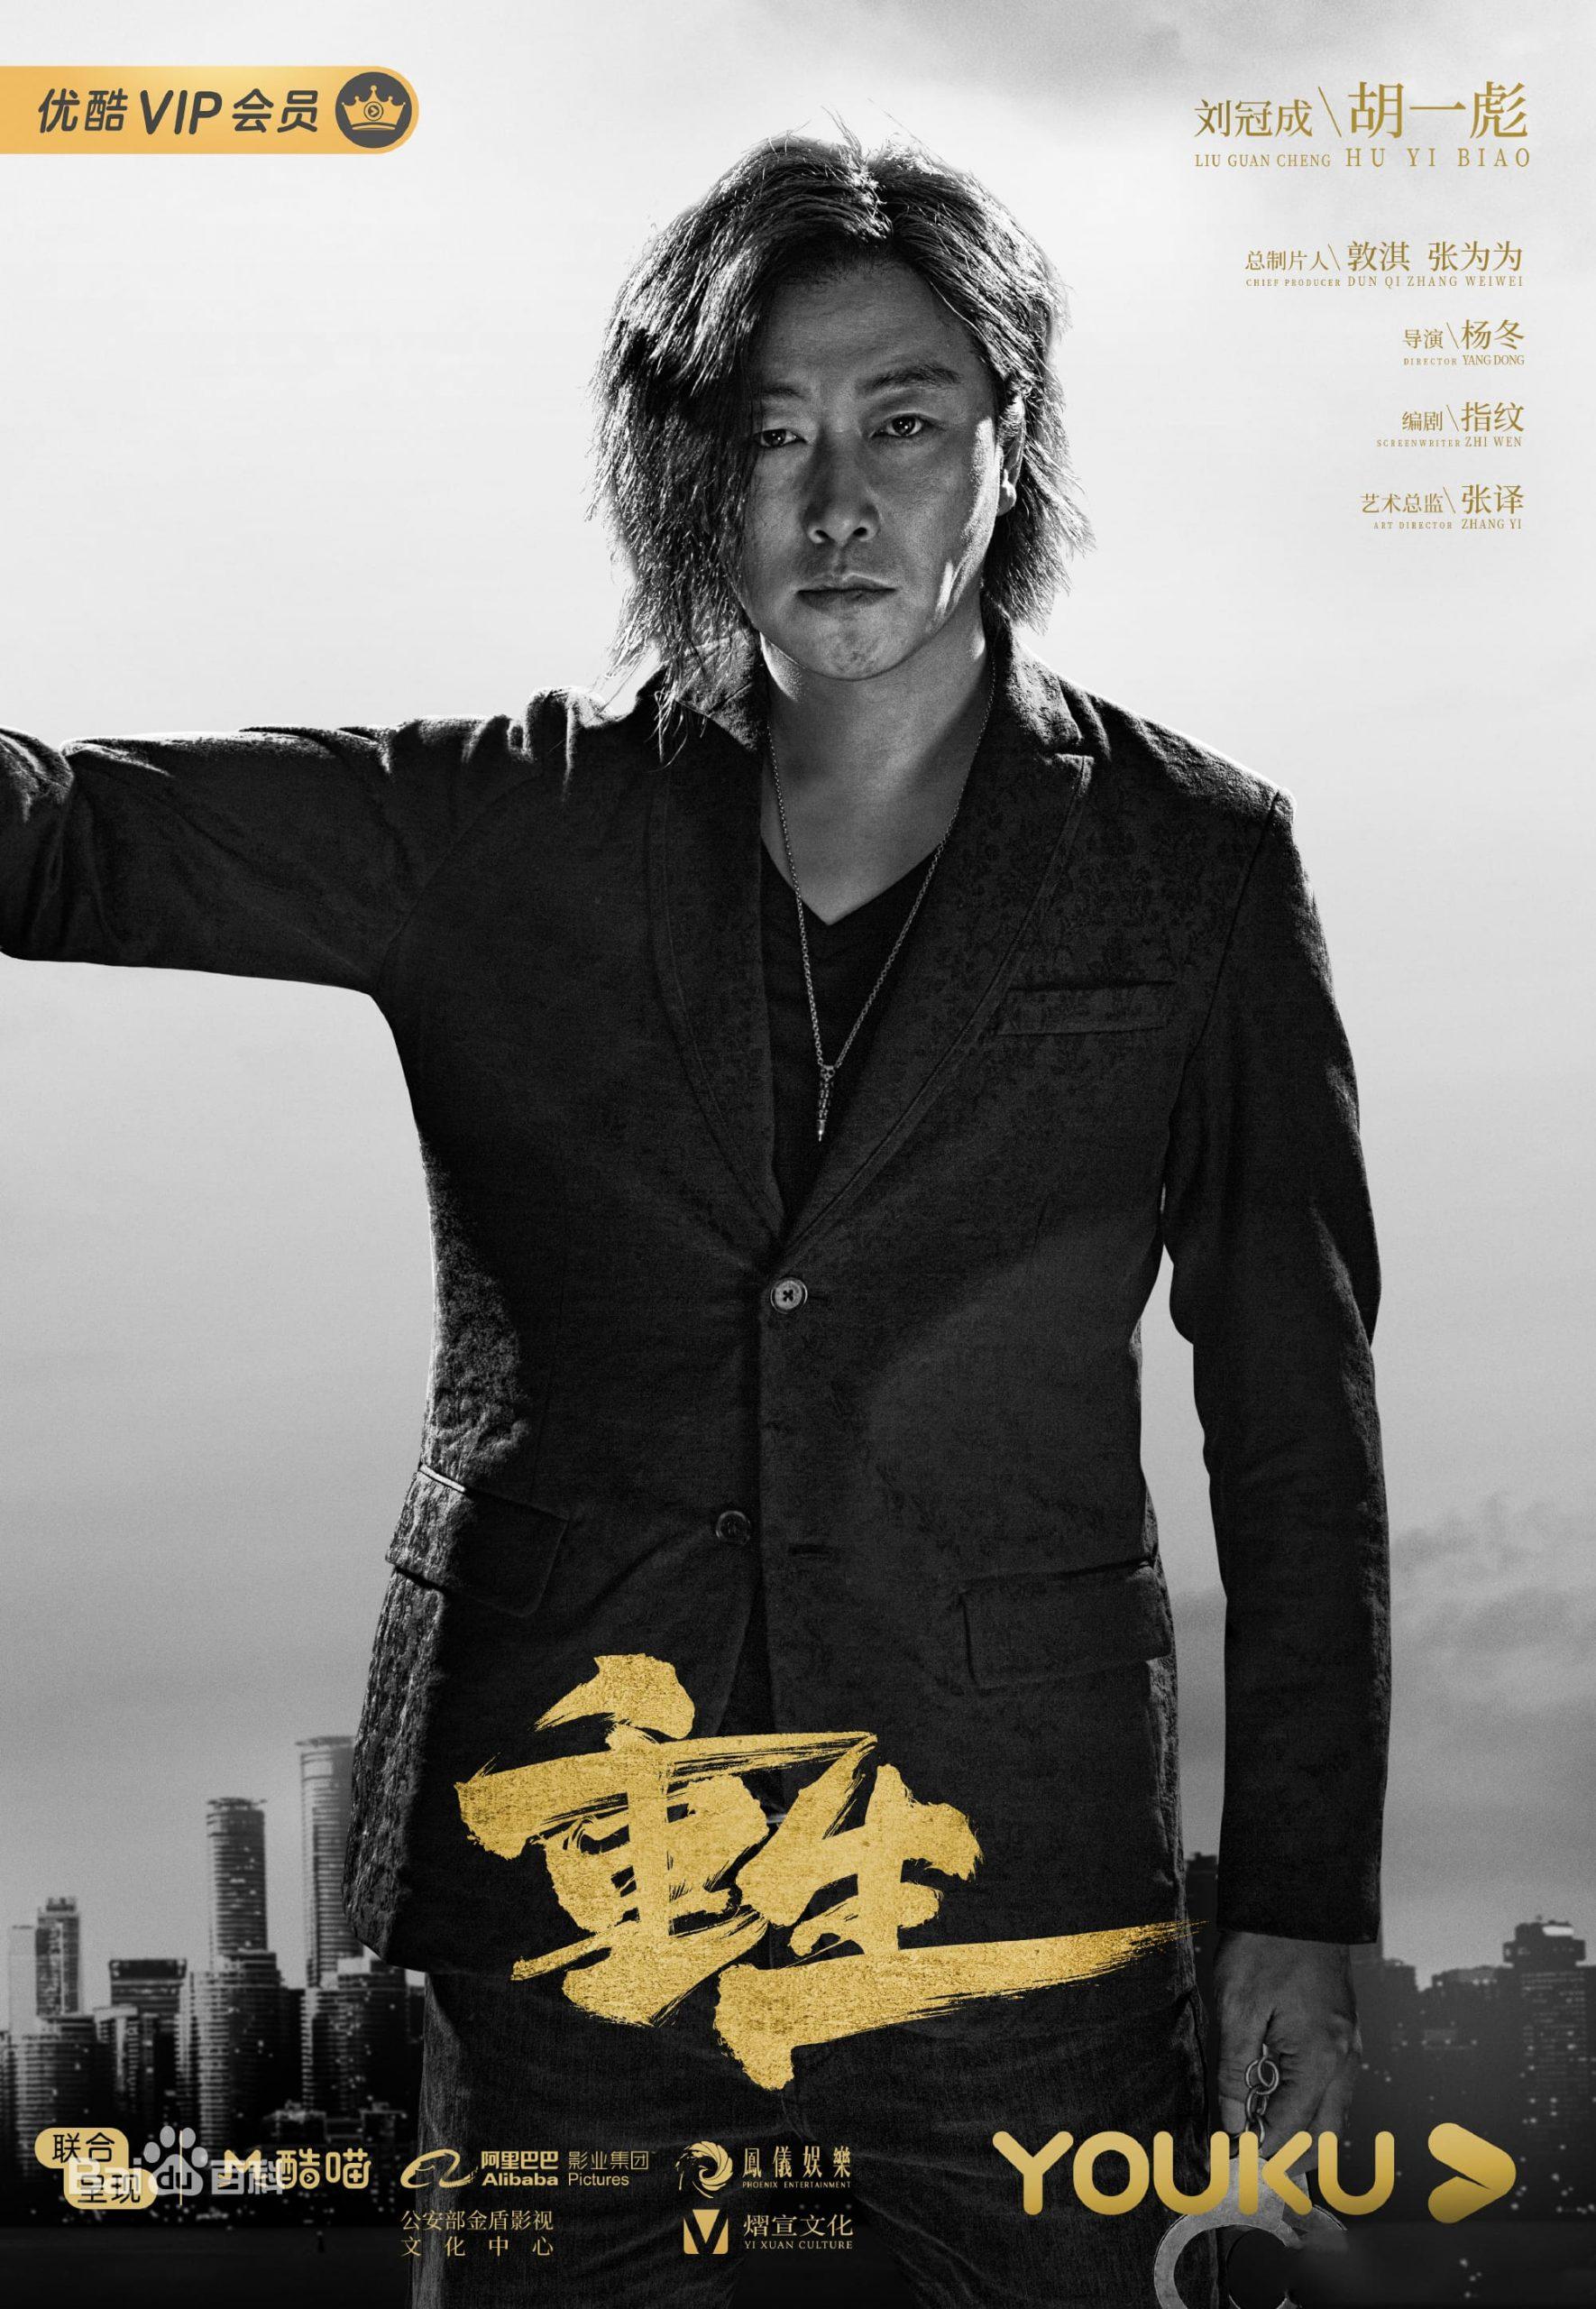 Liu Guancheng  sebagai Hu Yibiao